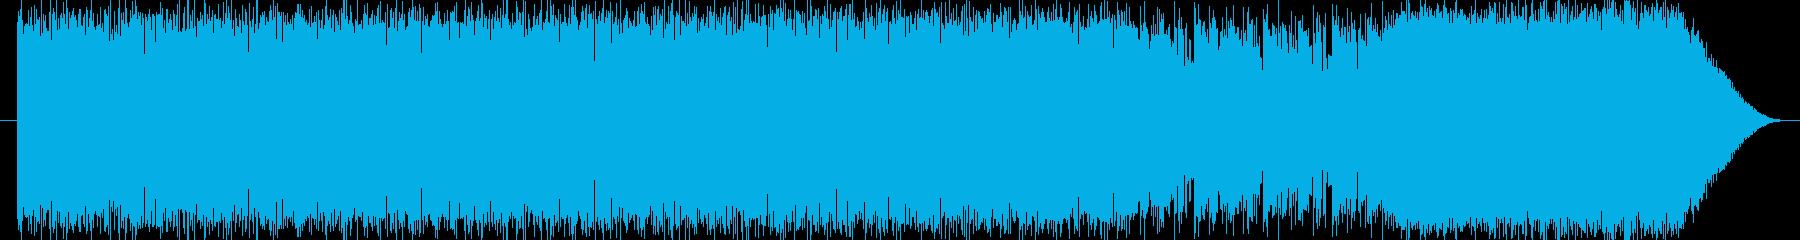 アクションゲーム風テクノBGMの再生済みの波形